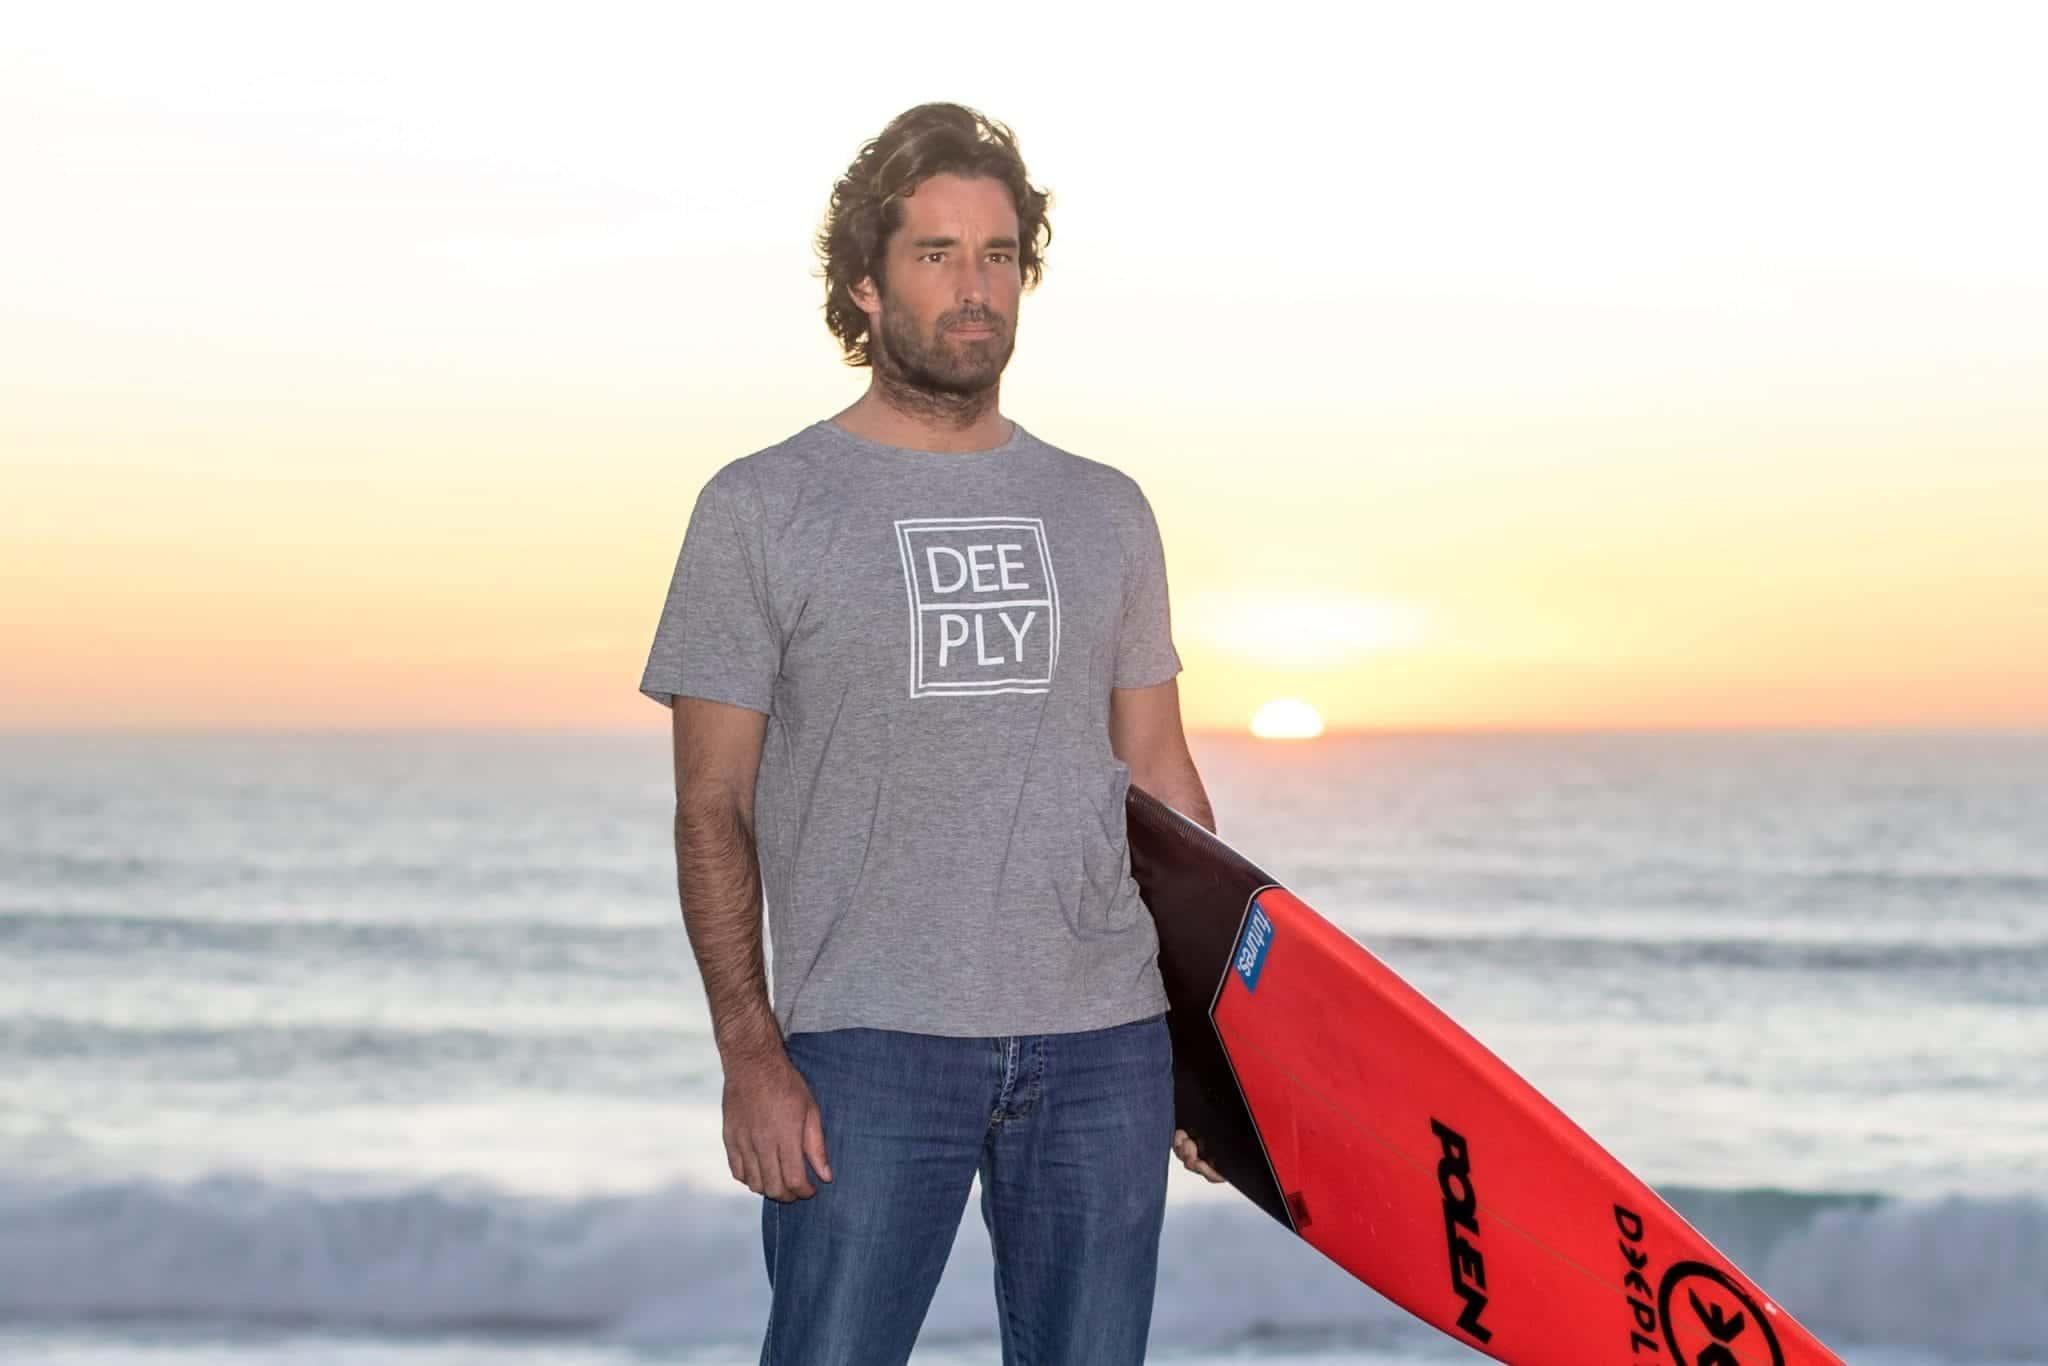 Arda Surf School e Feel Viana Sport Hotel organizam Surf Training Camp com João Guedes